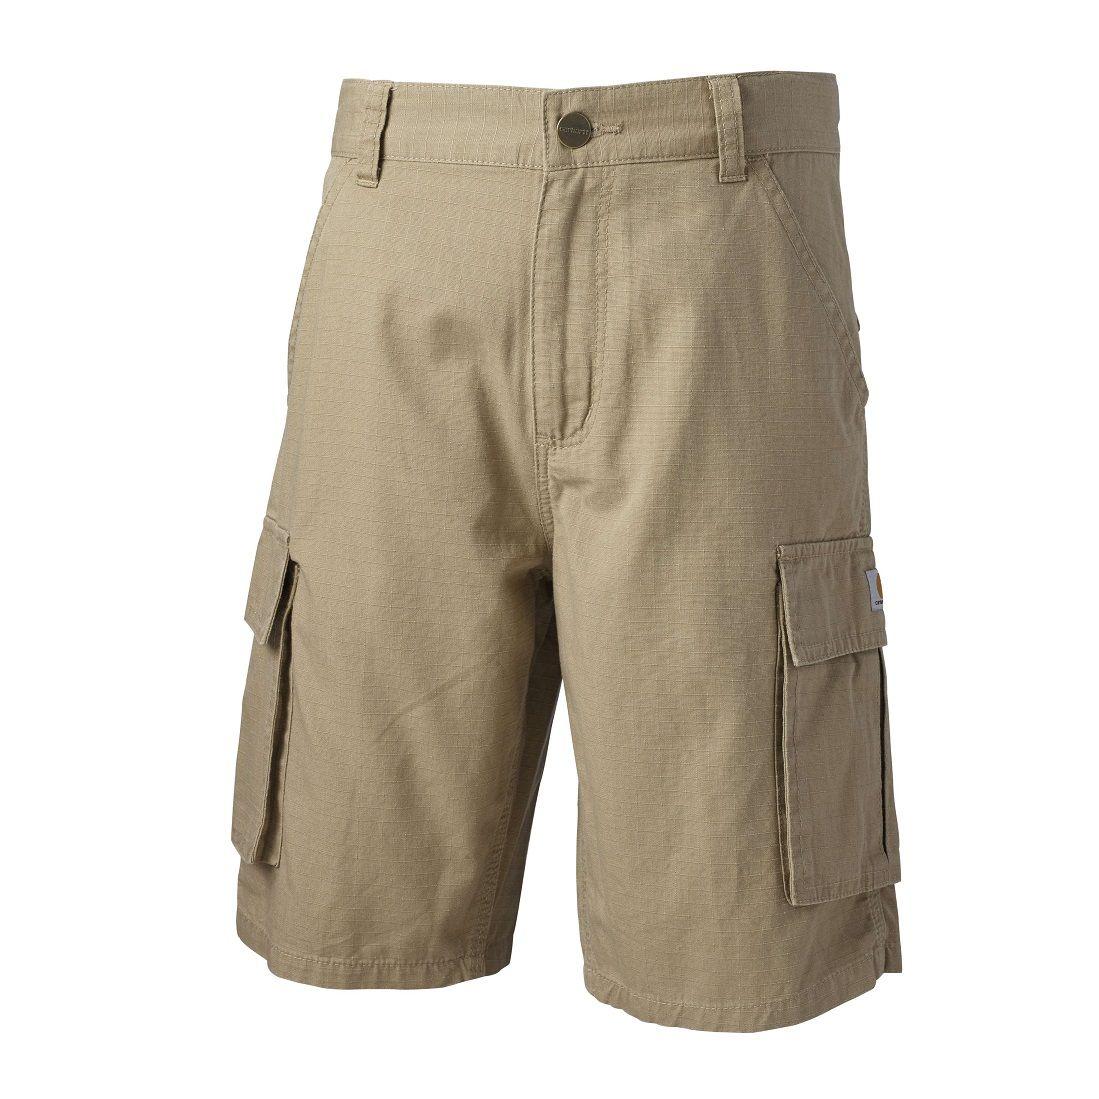 Carhartt Boys Ripstop Cargo Short